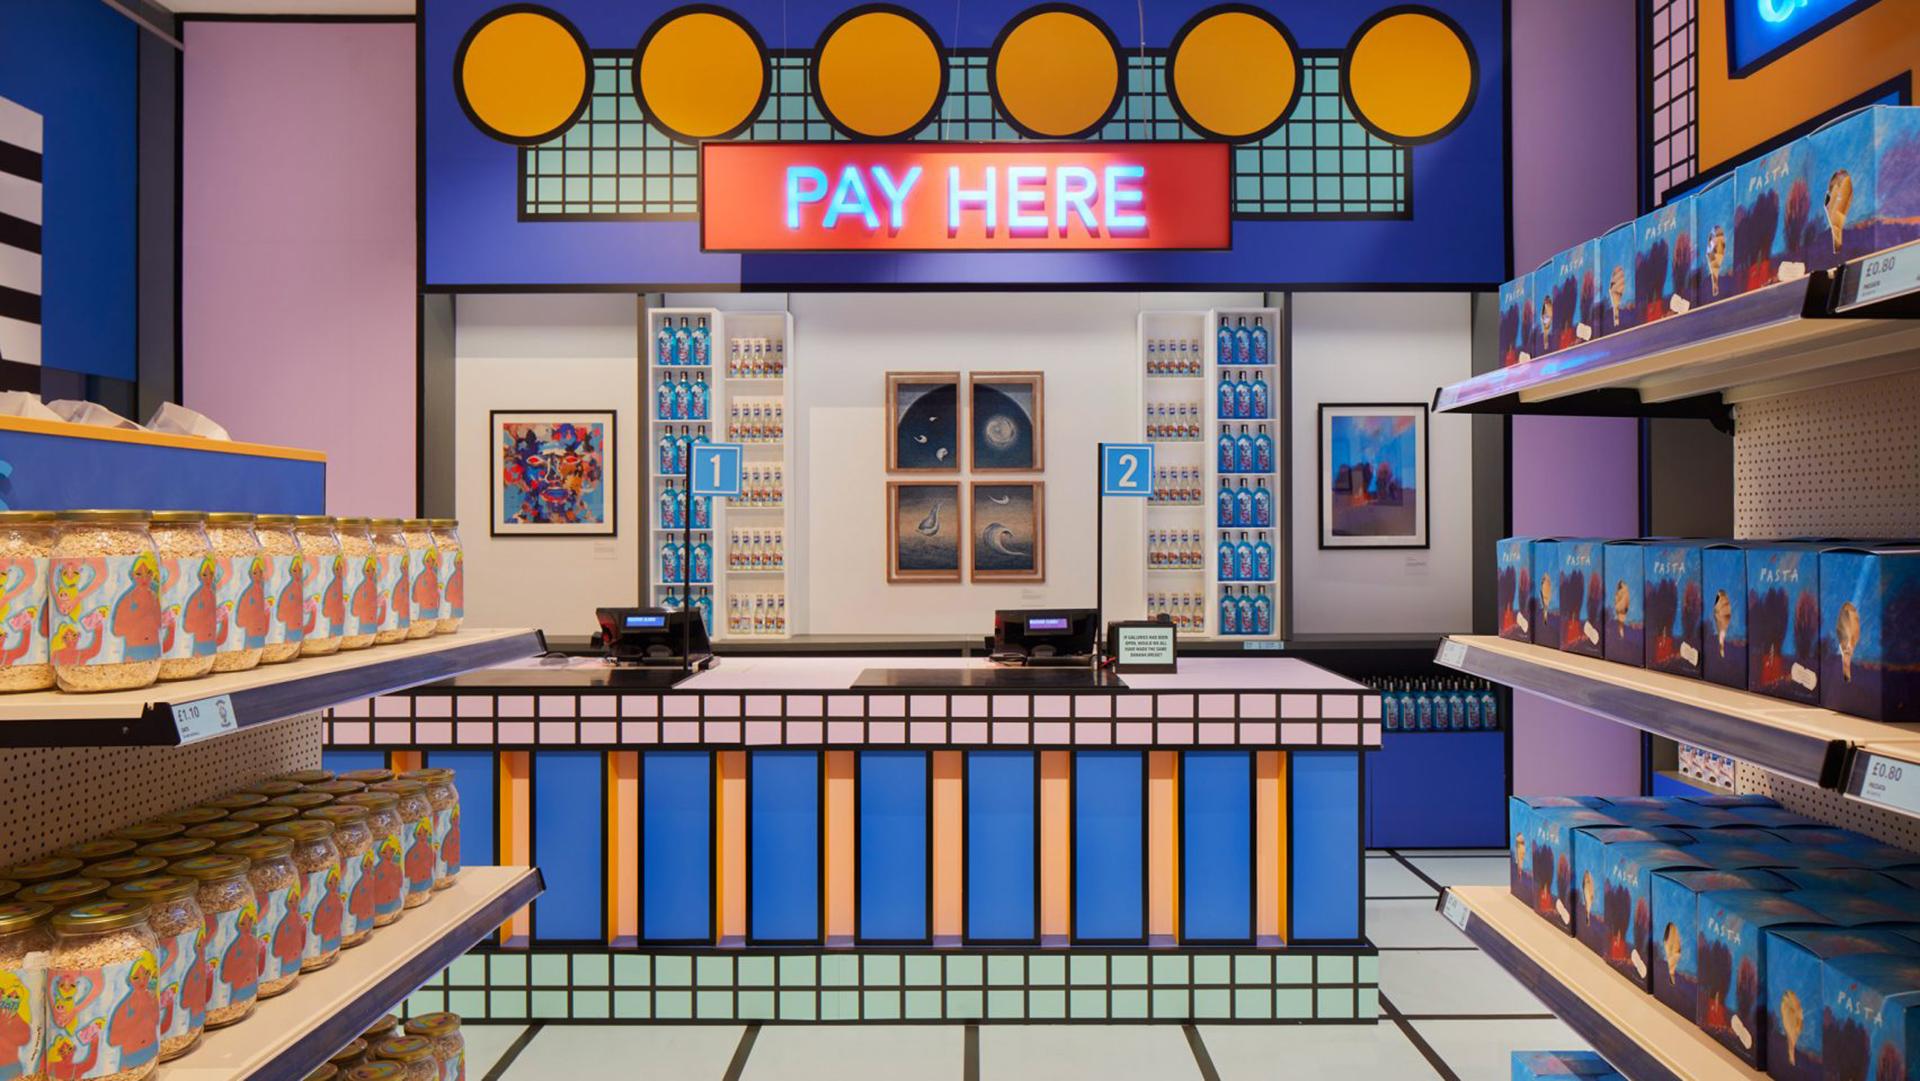 Камилла Валала: супермаркет в Лондонском Музее дизайна